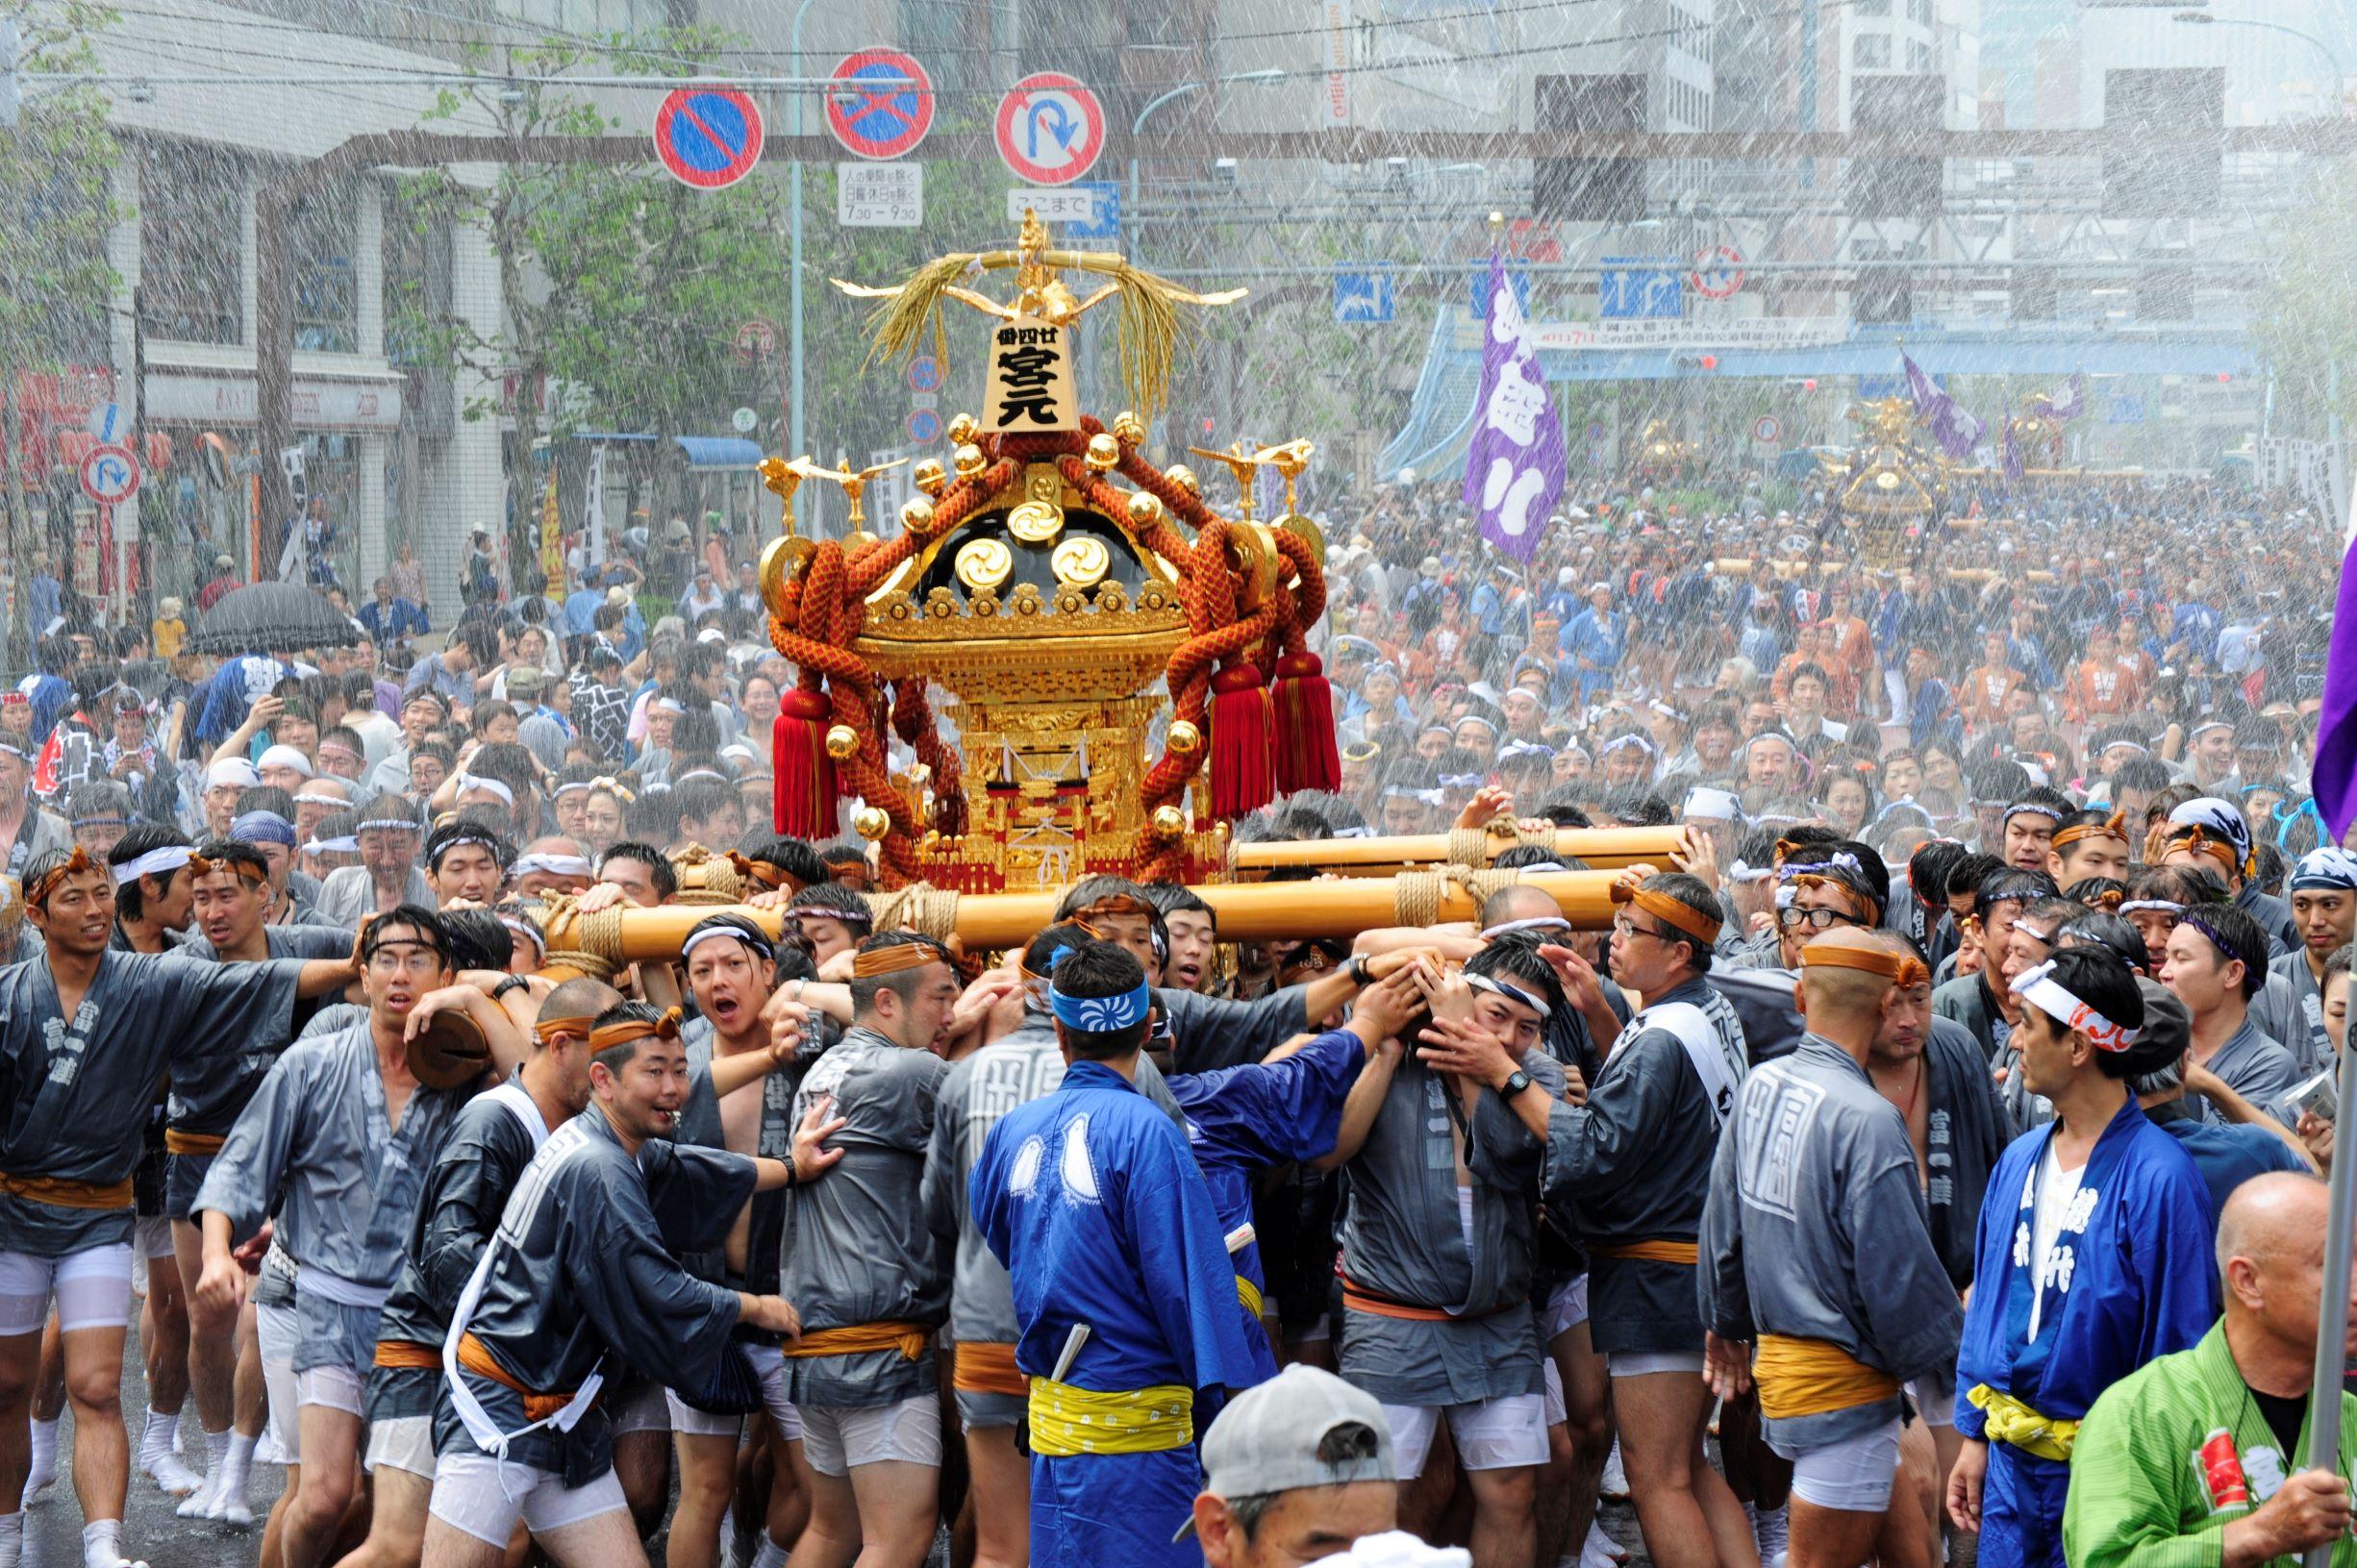 """【고토 이 거리 그 사람】타운지 """"후카가와"""" 발행인 스즈키 킥코산 에도 3대 축제의 하나로 꼽히고 있는 후카가와 야하타 축제 가마 연합 천황의 행차.53기의 각 마을 가마가 약 8킬로를 갖추어지고 천황의 행차, 별명 """"물 들여서 축제""""라고도.(사진 제공:타운지 후카가와)"""